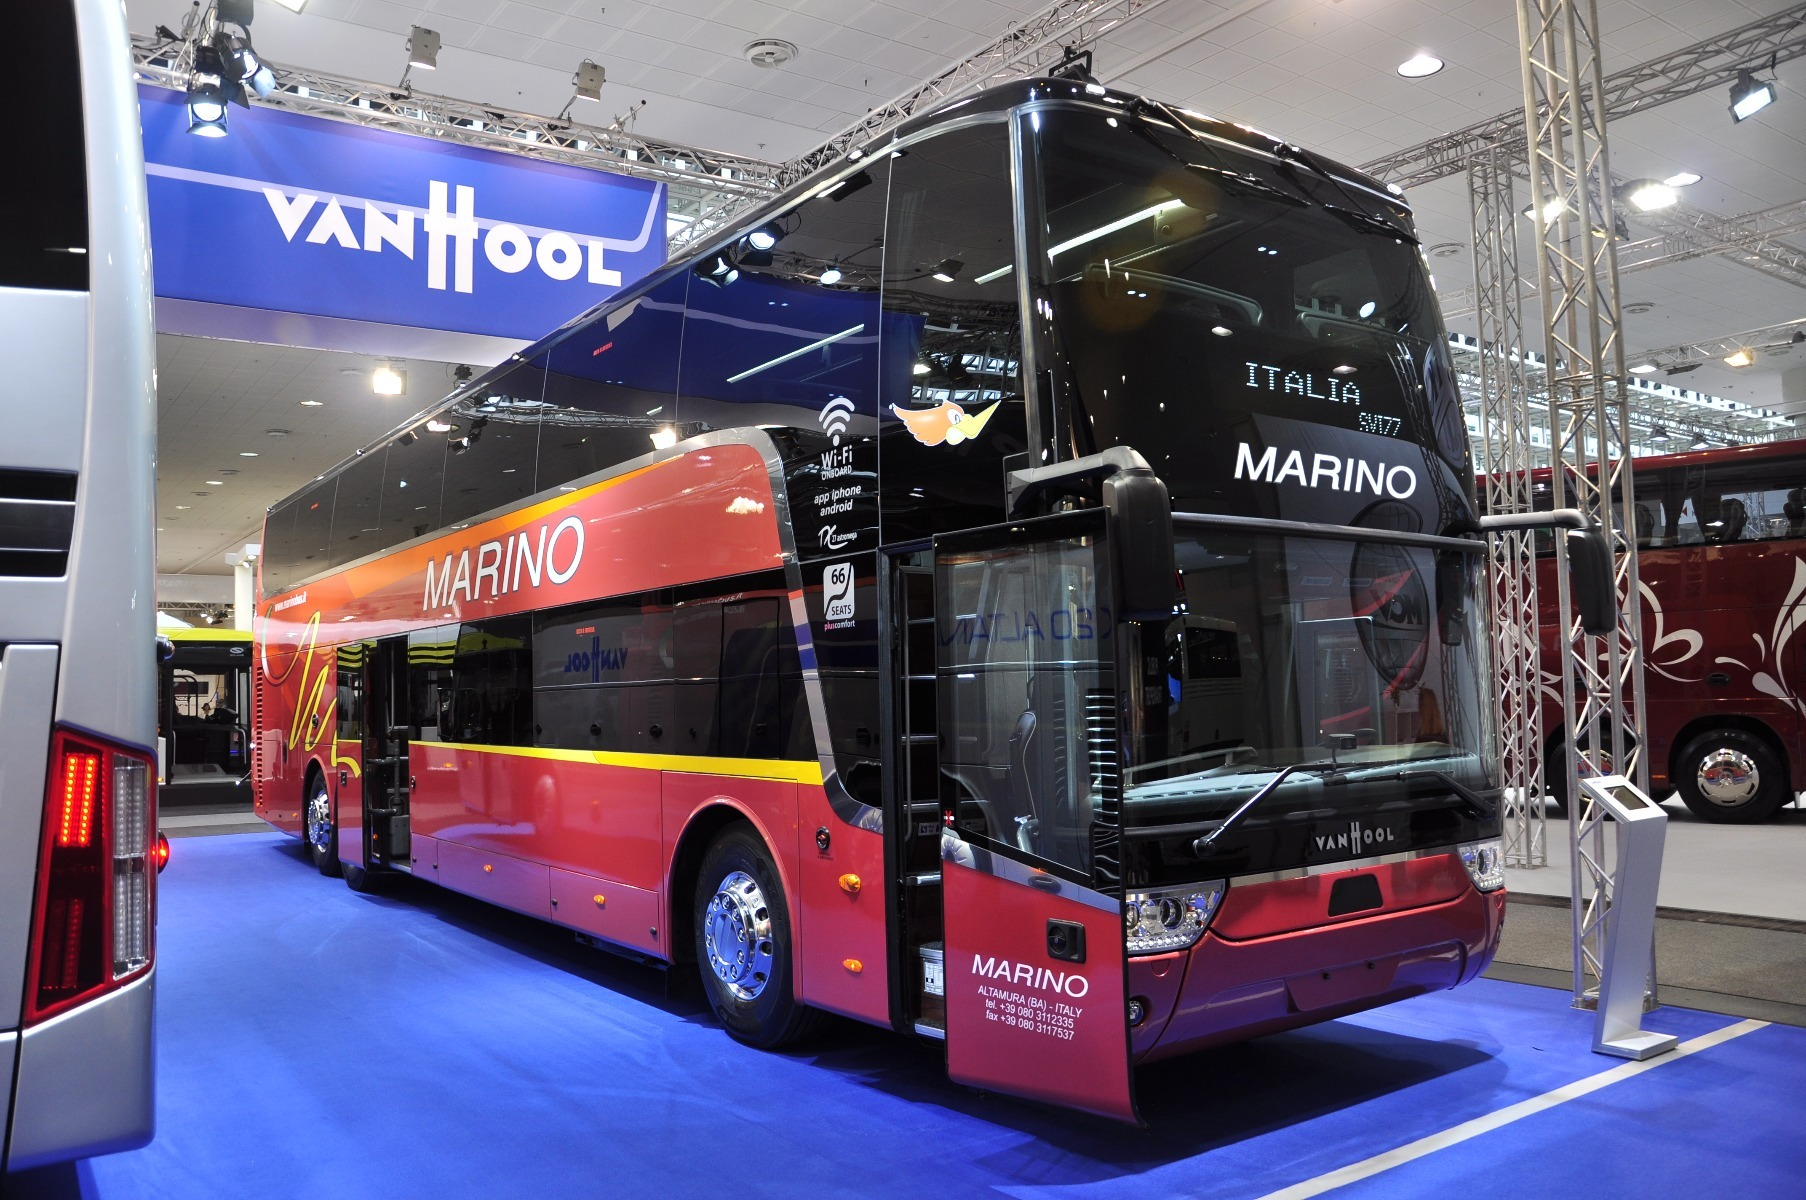 A Van Hool TDX 27 Astromega emeletes buszban 63 26 1 1 ülés is elhelyezhető, csomagtere 7,2 köbméteres